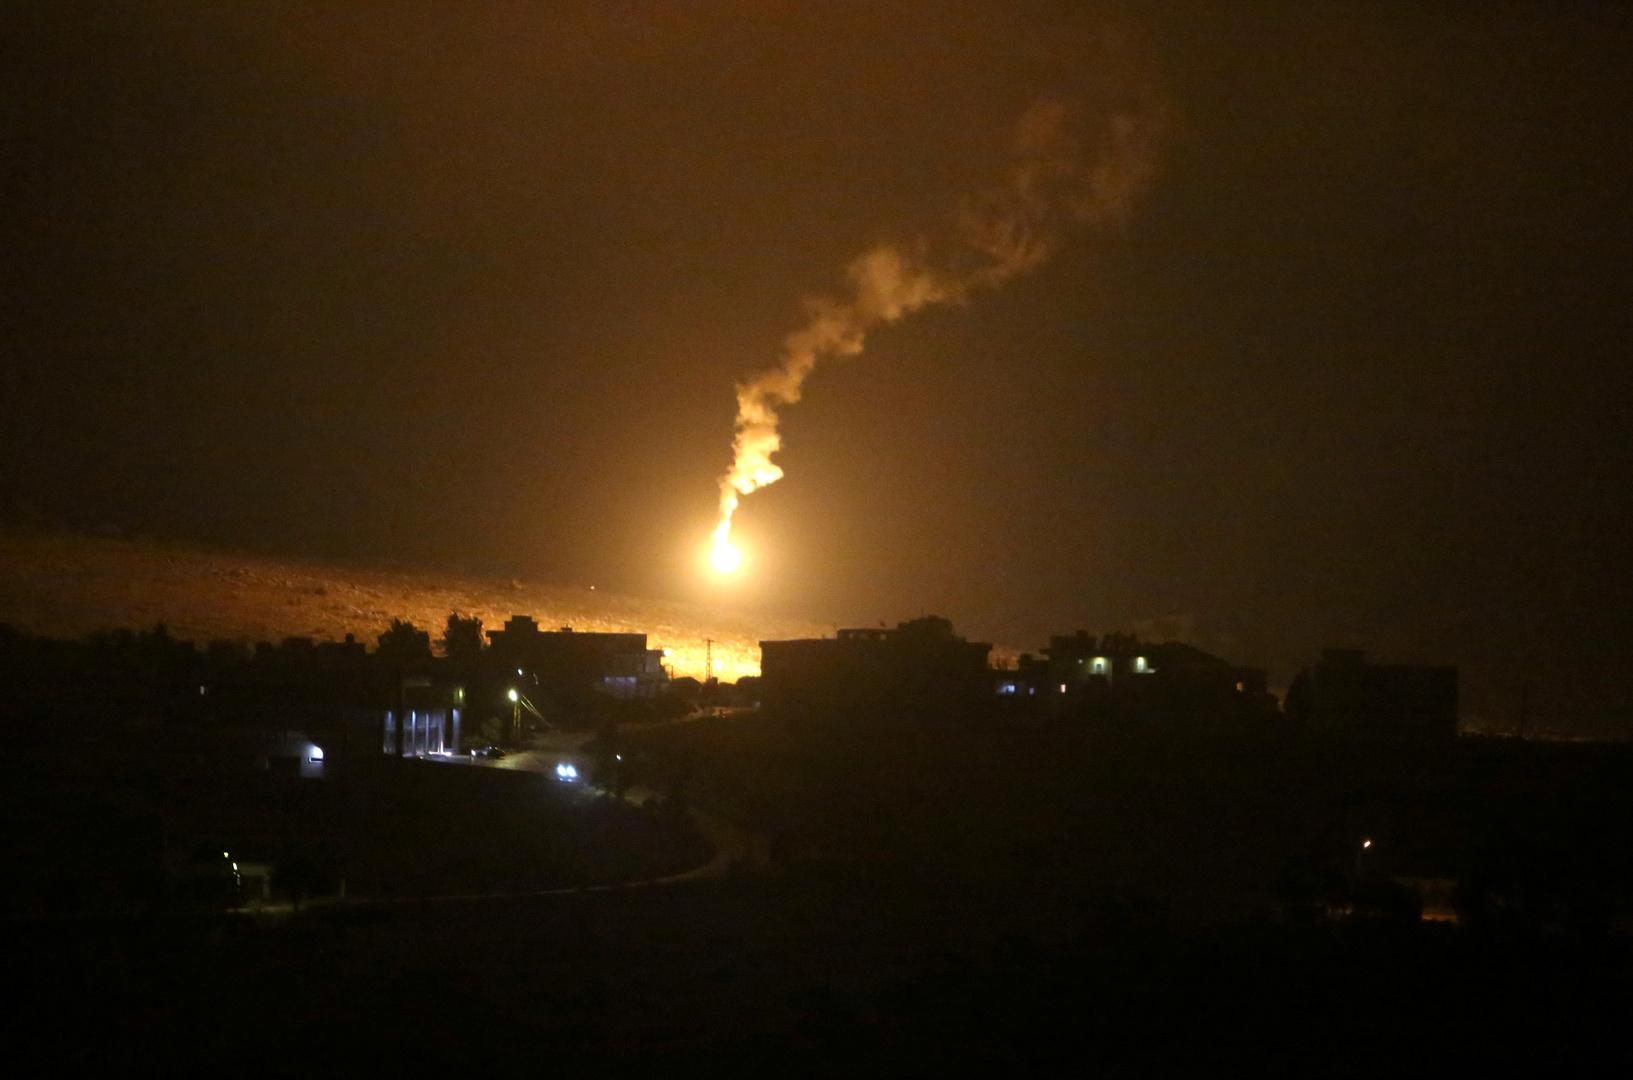 الجيش الإسرائيلي يطلق قنابل مضيئة عند الحدود مع لبنان وأنباء عن عملية تسلل